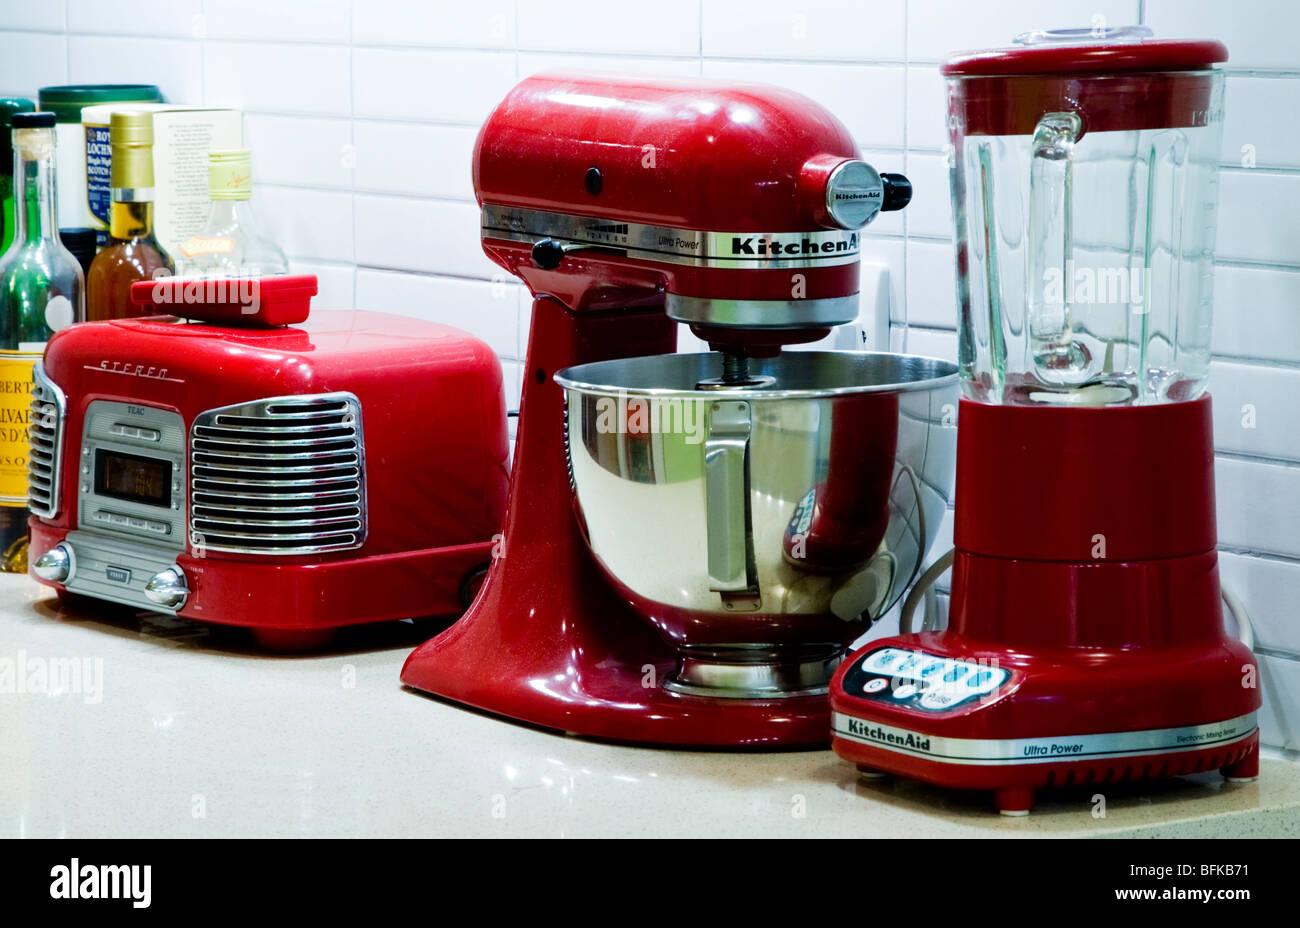 Red Retro Kitchen Appliances On A Worktop By Kitchenaid